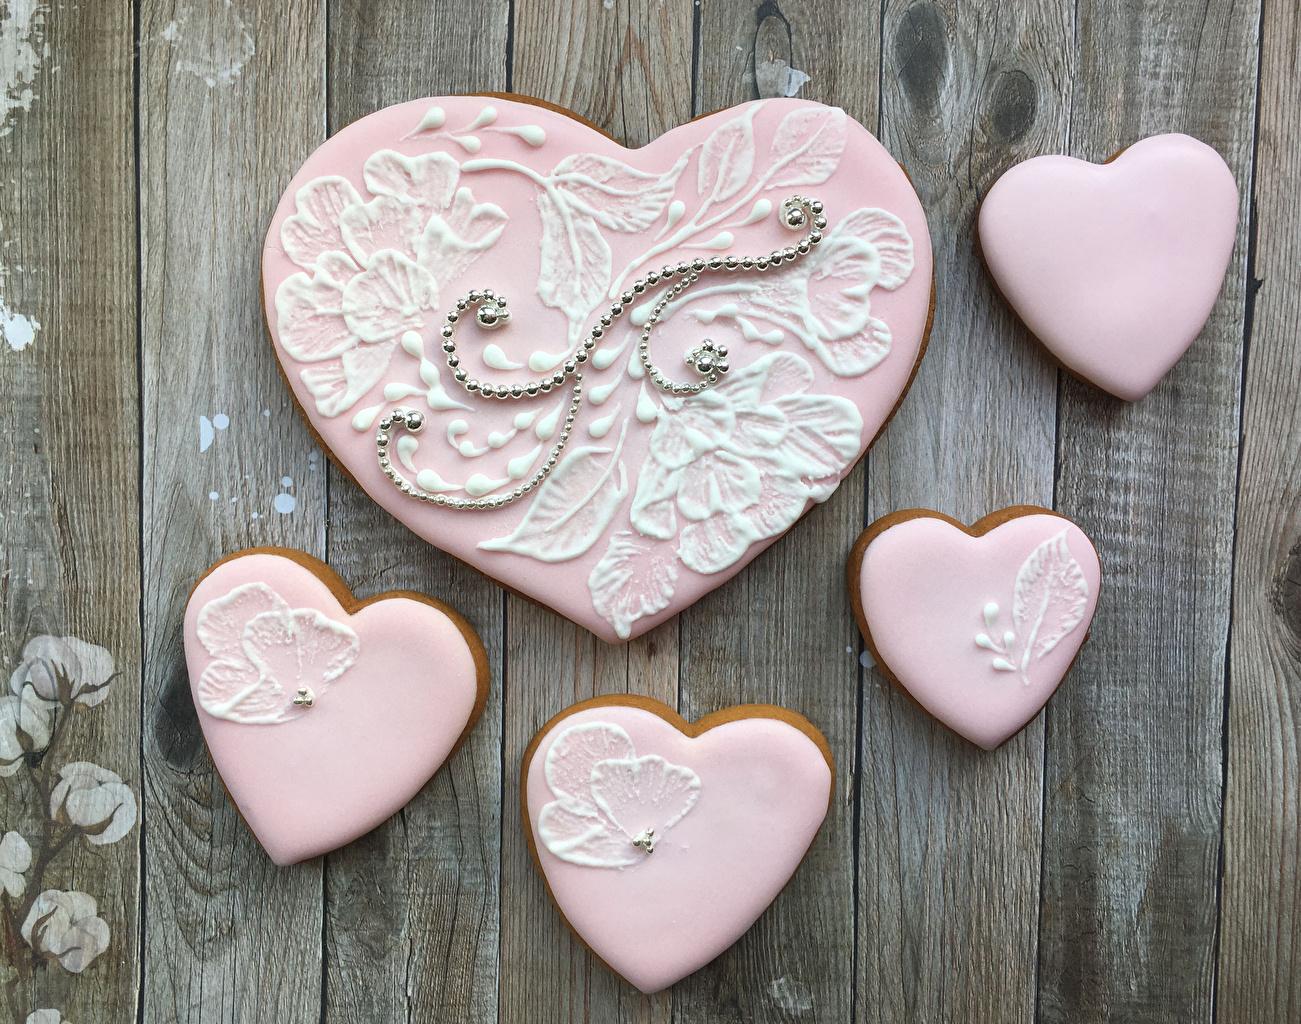 Картинки День всех влюблённых Сердце Розовый Еда Печенье Доски Дизайн День святого Валентина сердечко Пища Продукты питания